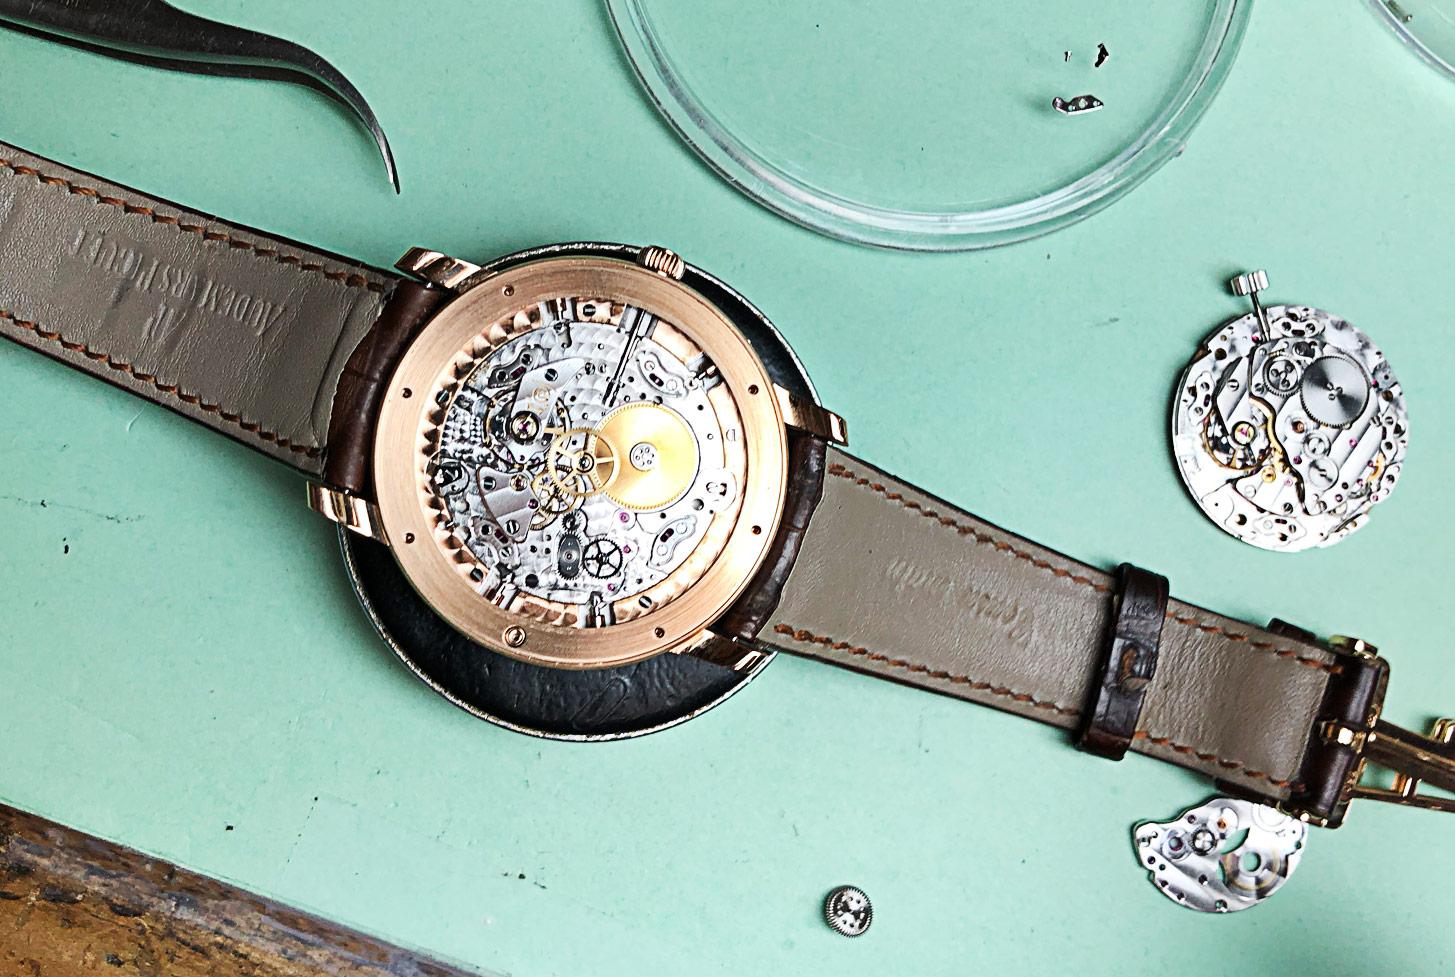 Audemars Piguet Jules Audemars Watch Repair | Gray & Sons ...